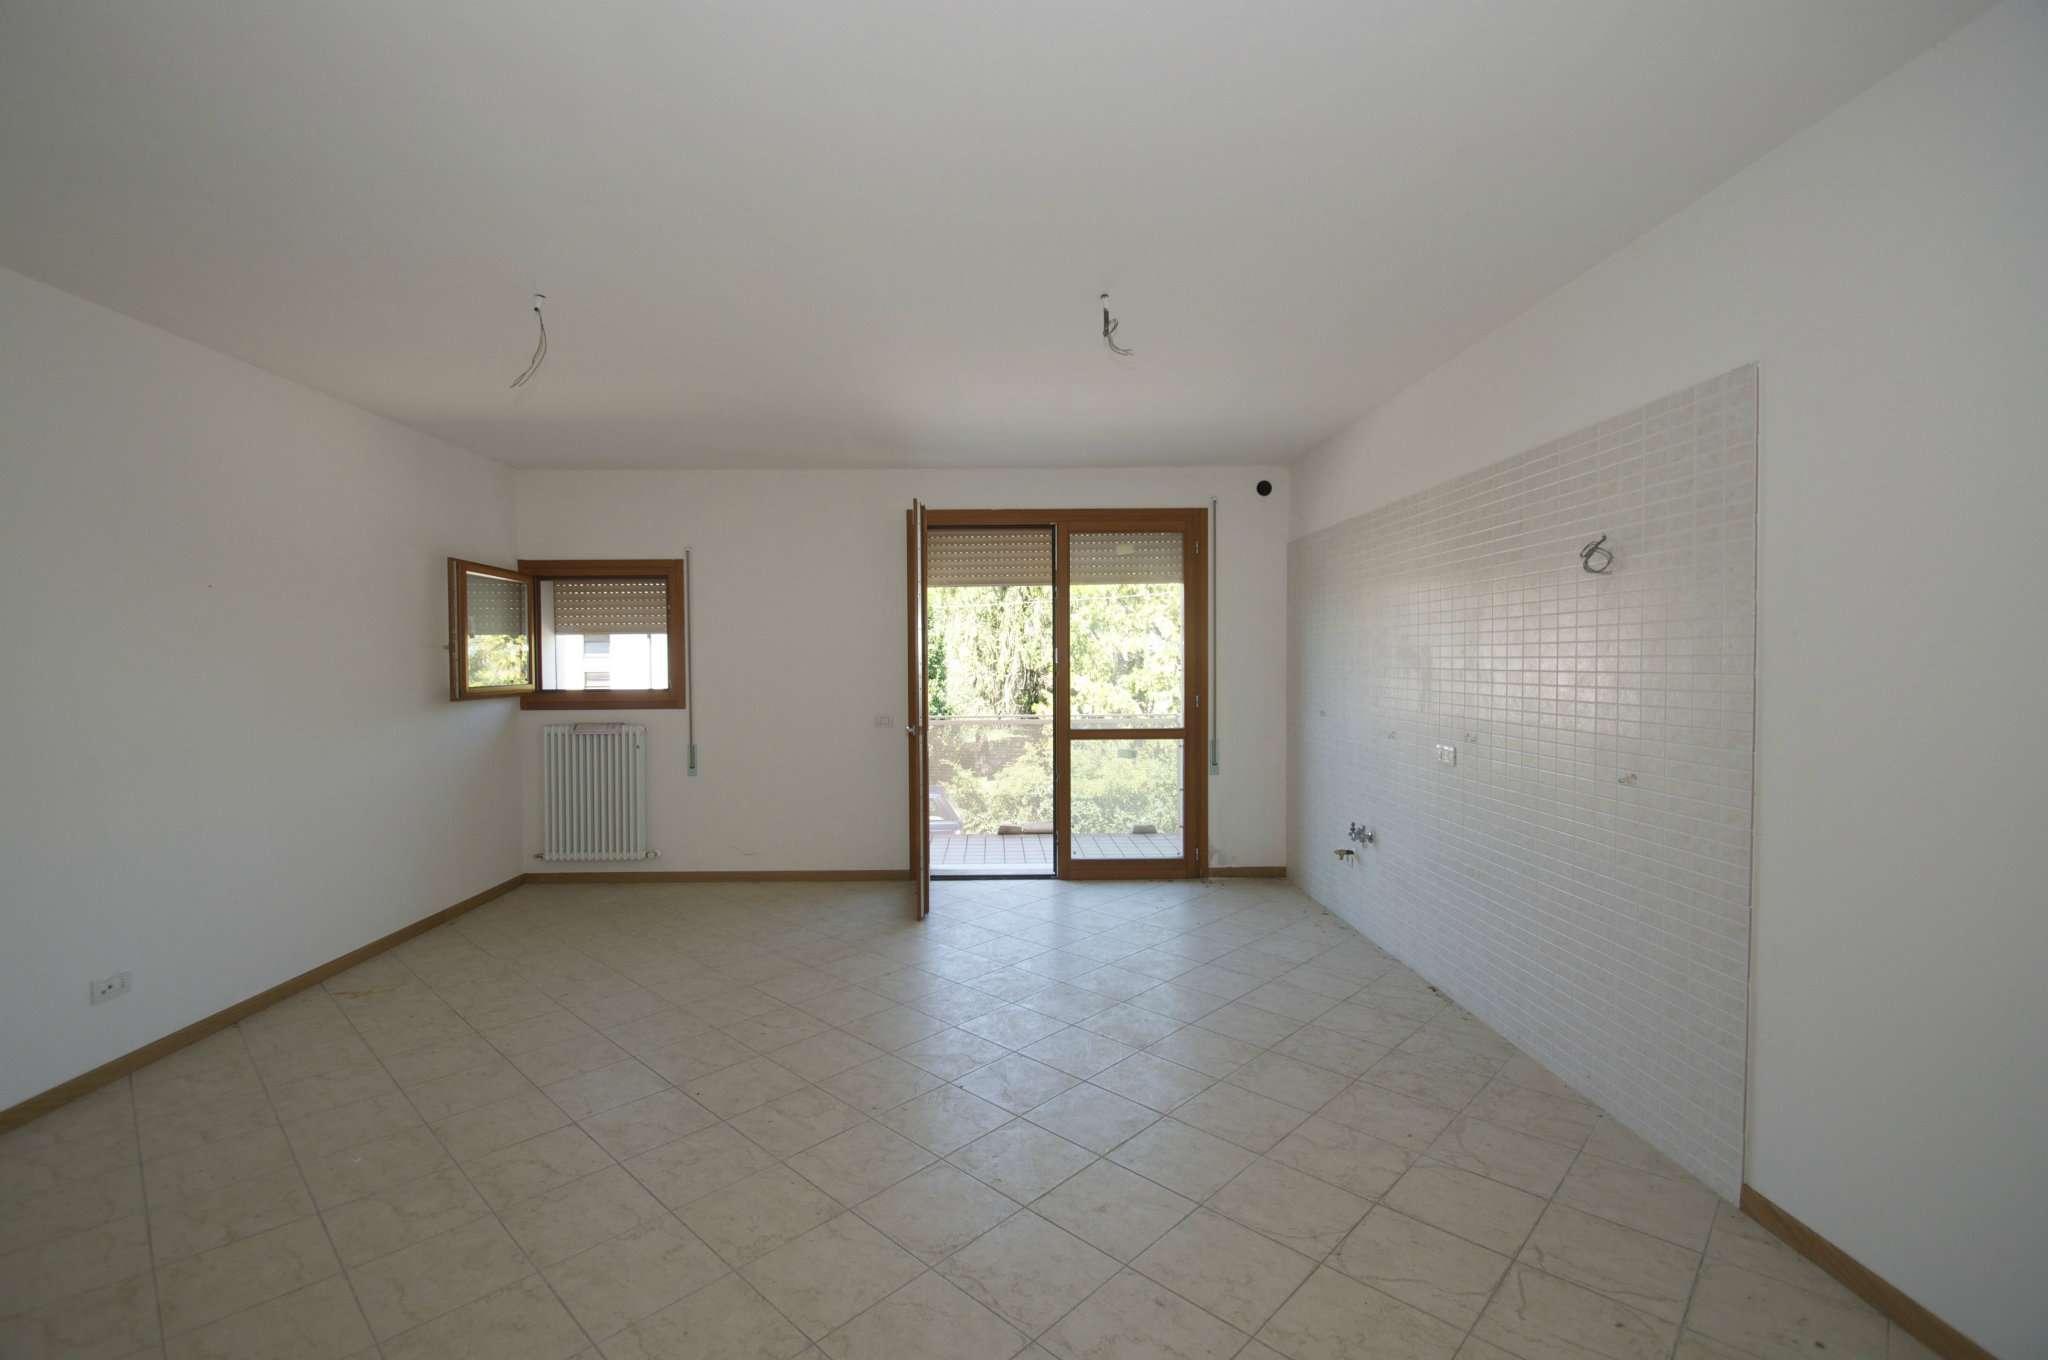 Appartamento in vendita a Maserà di Padova, 3 locali, prezzo € 80.000 | CambioCasa.it